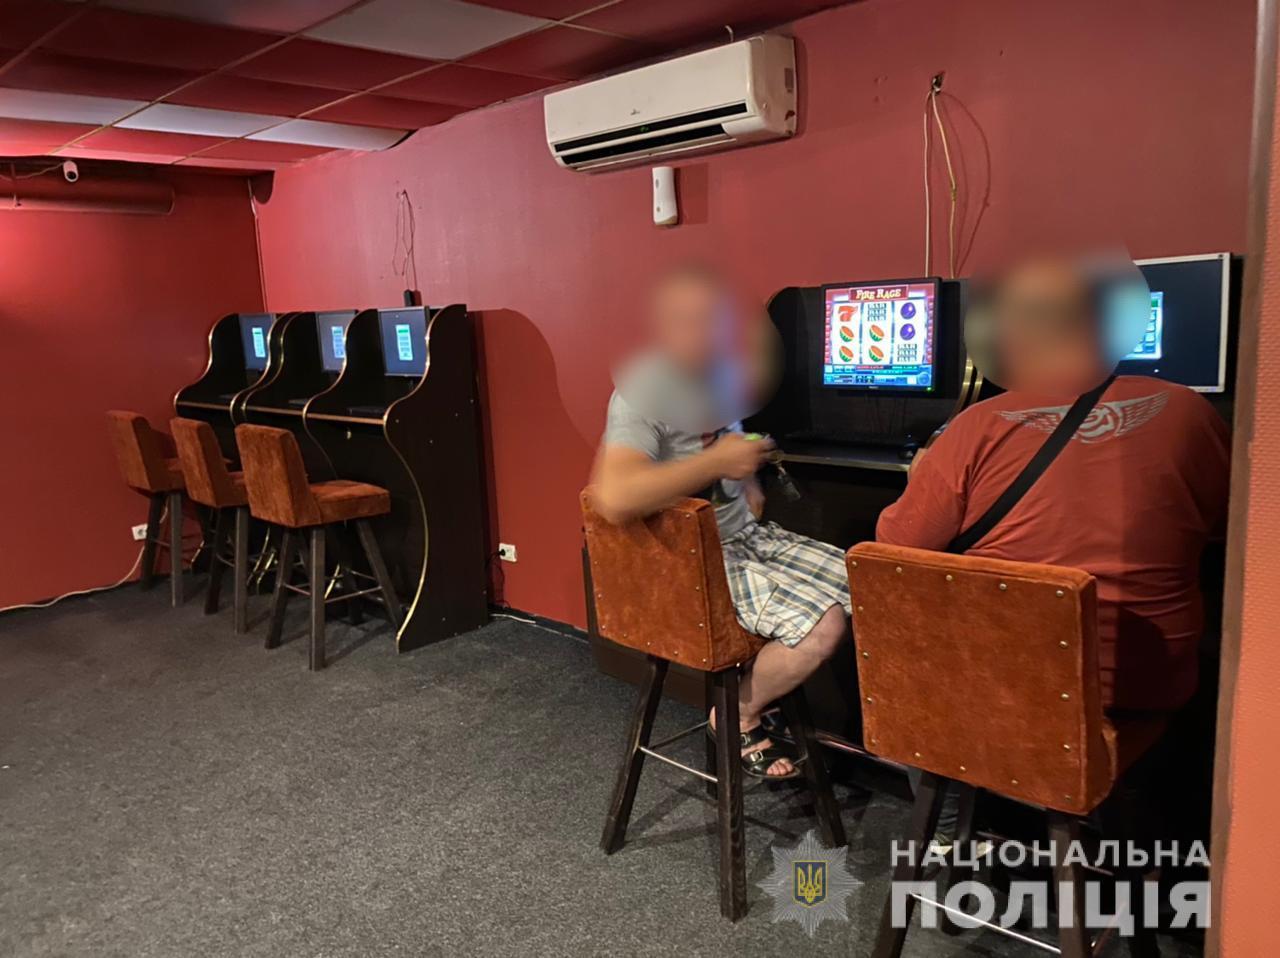 У Вінниці більше не працює ще один підпільний гральний заклад. ФОТО   Кримінальні новини